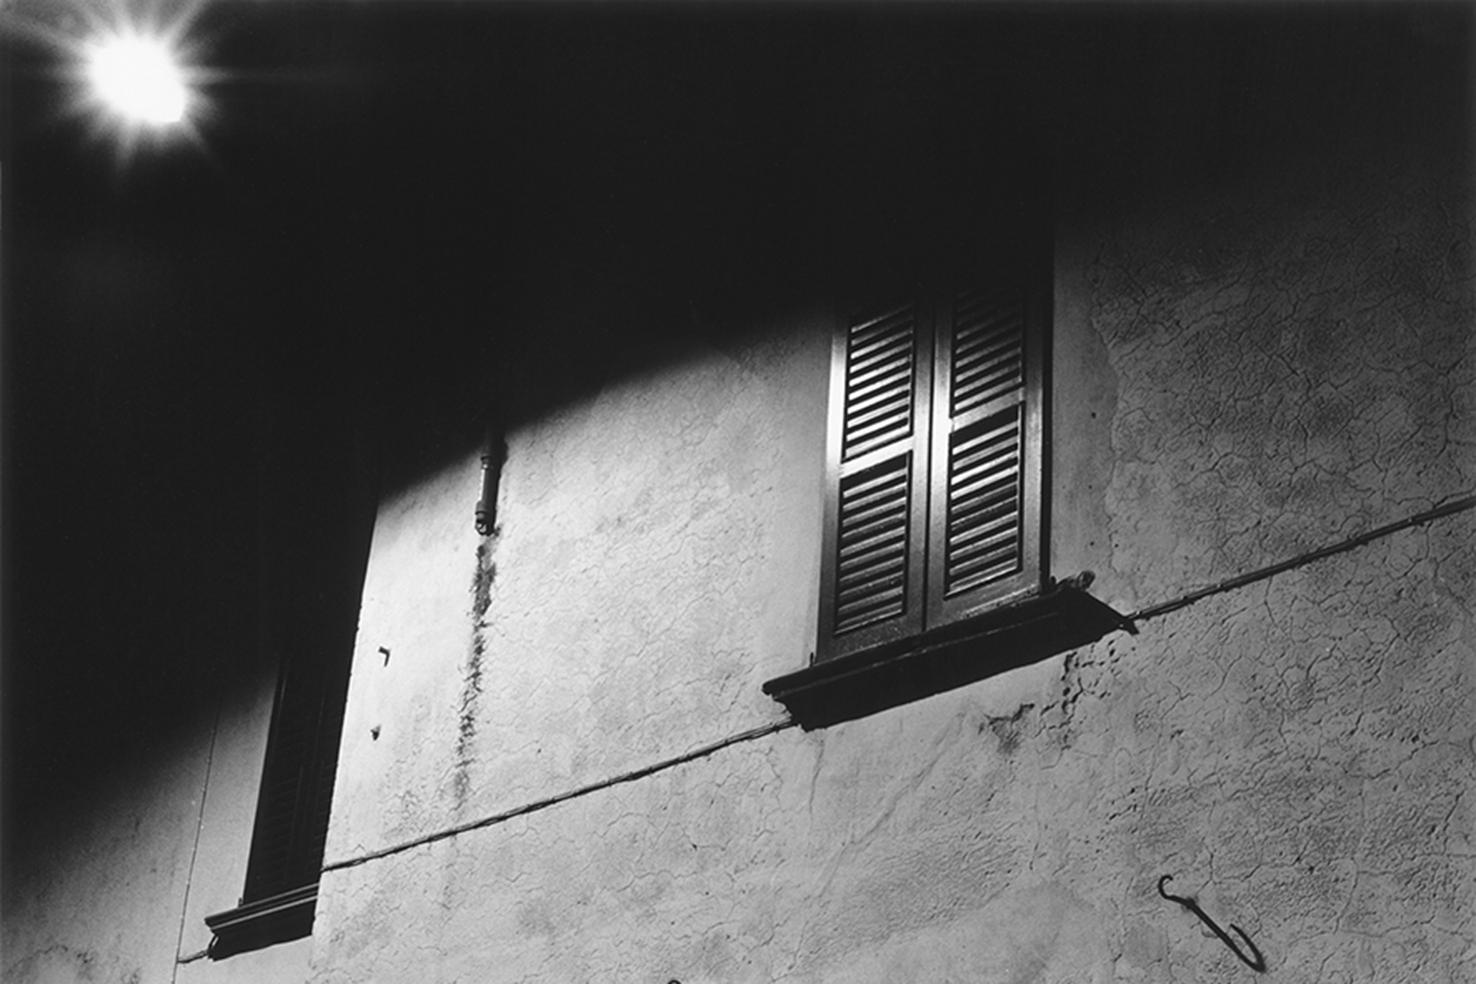 P. Novelli, 'La notte non basta, Study n. 2, 2011, foto b/n © aut./PHOS